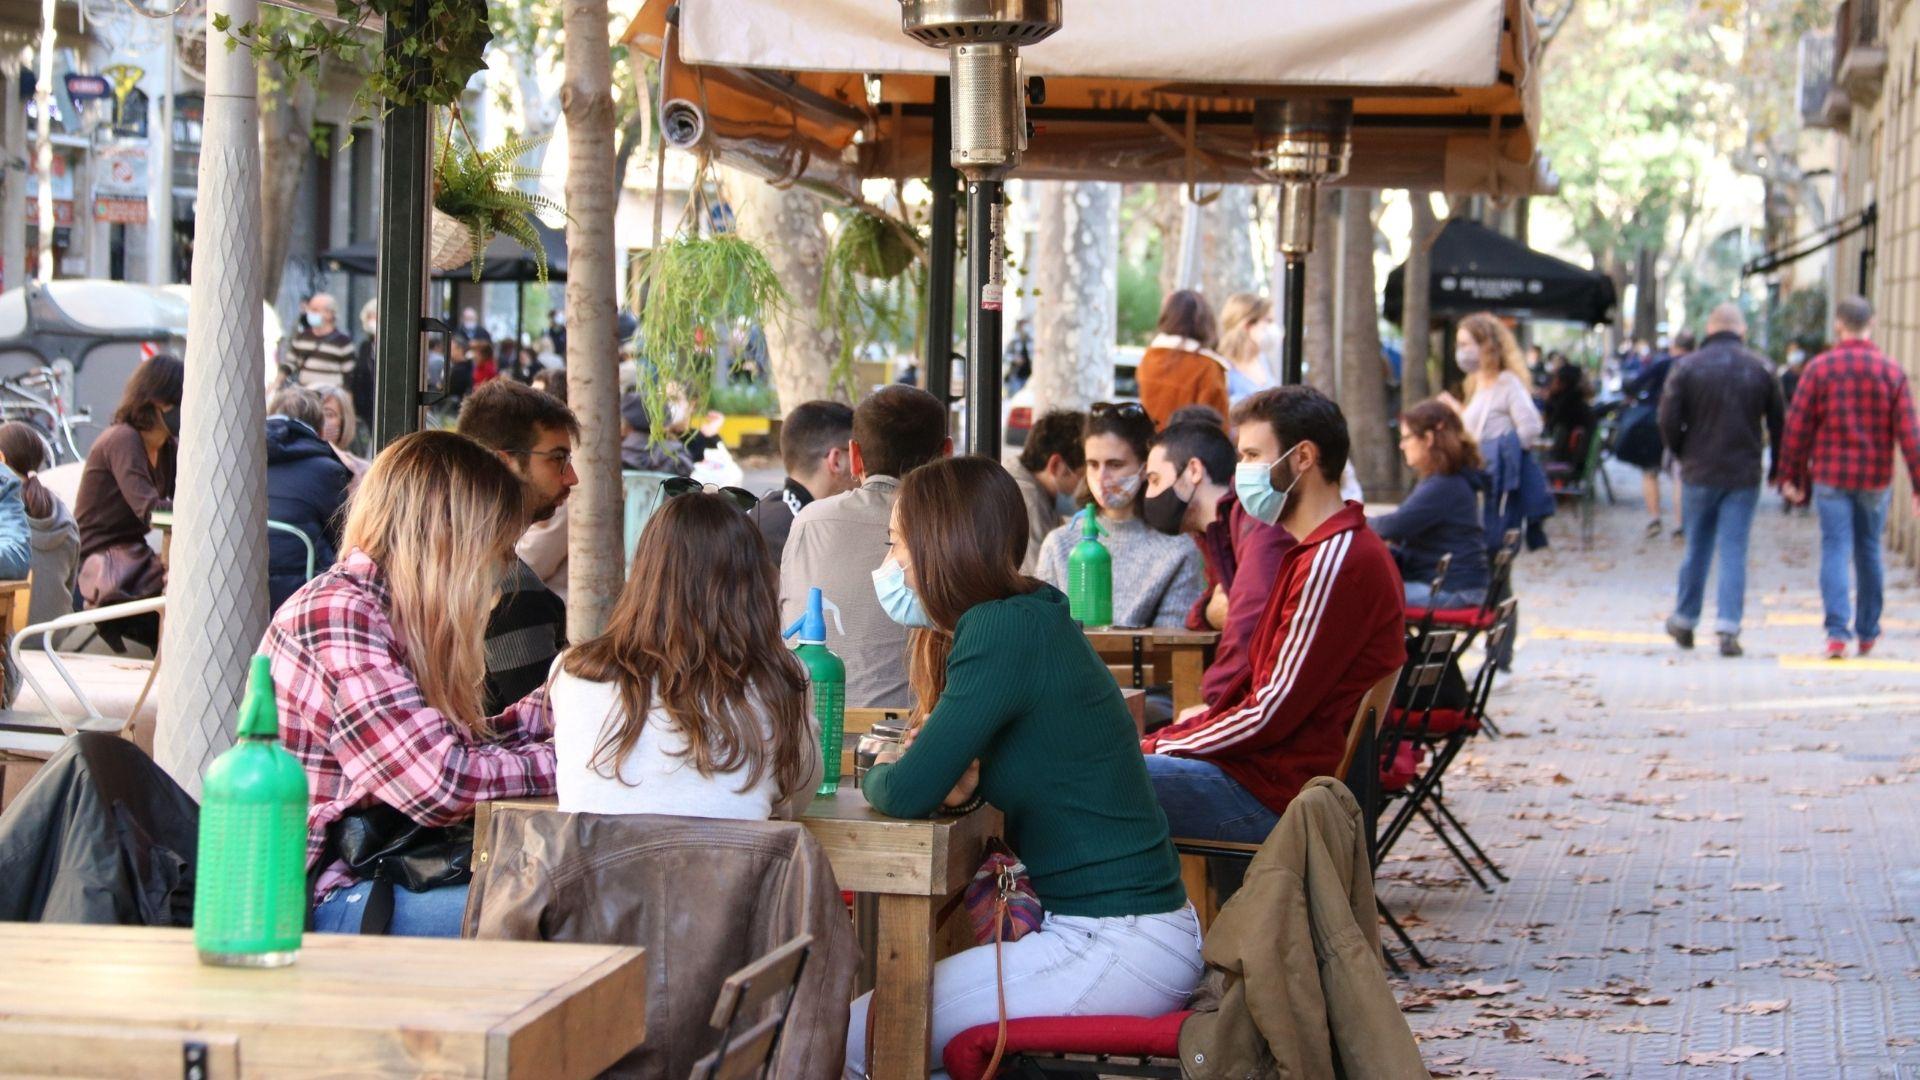 Persones en una terrassa de Barcelona